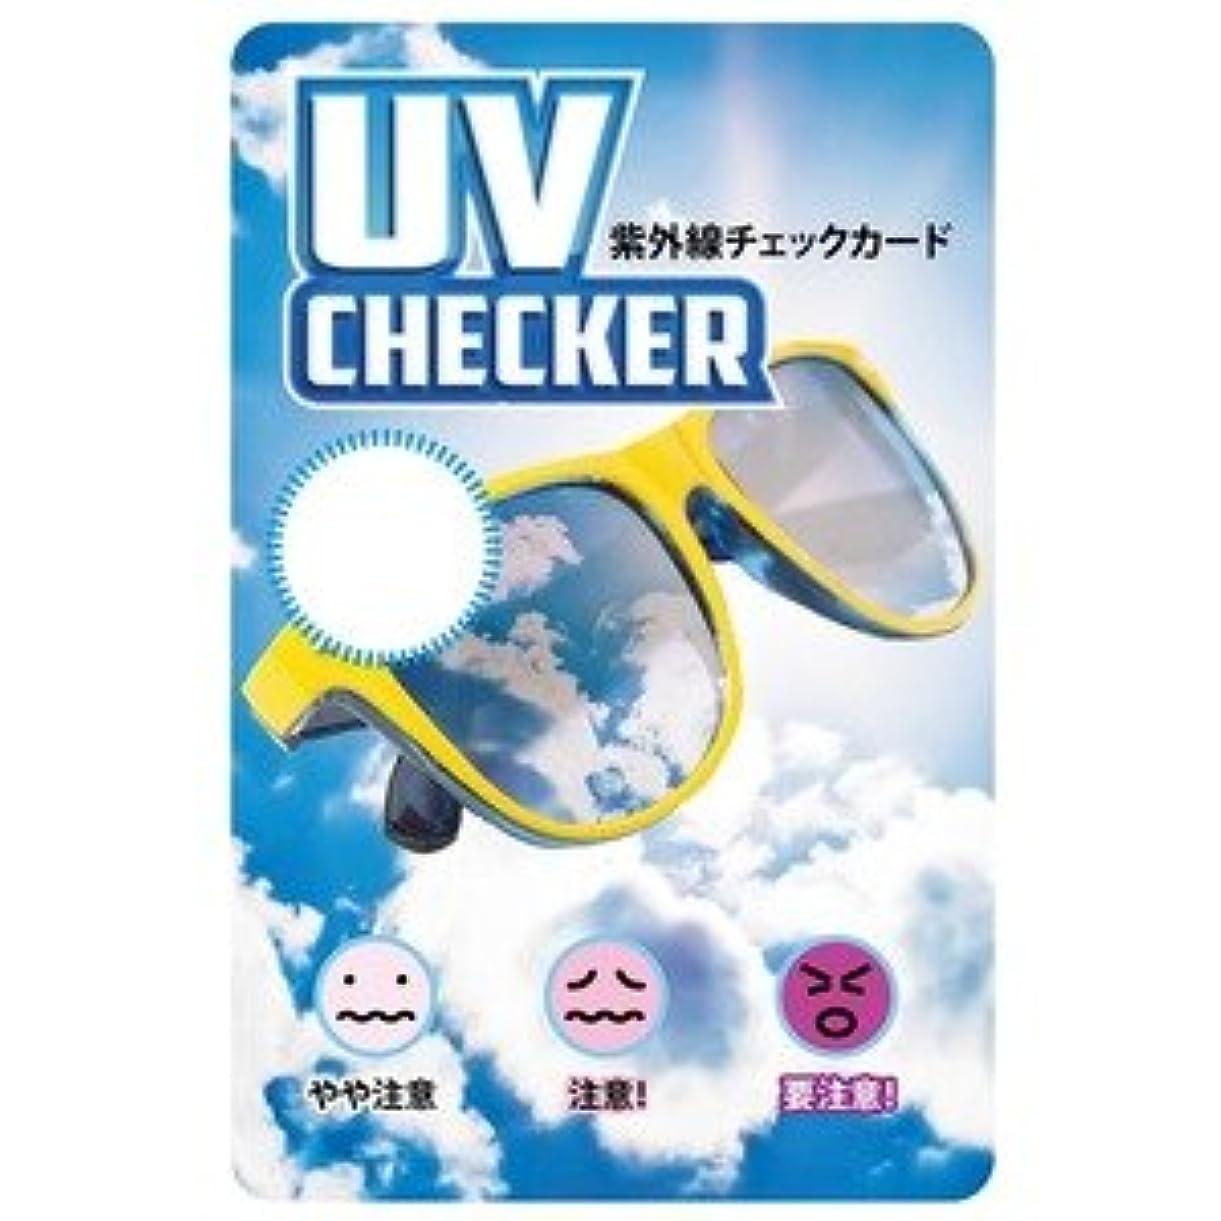 基礎ご覧くださいする紫外線チェックカード?UV6 【100枚セット】 紫外線対策